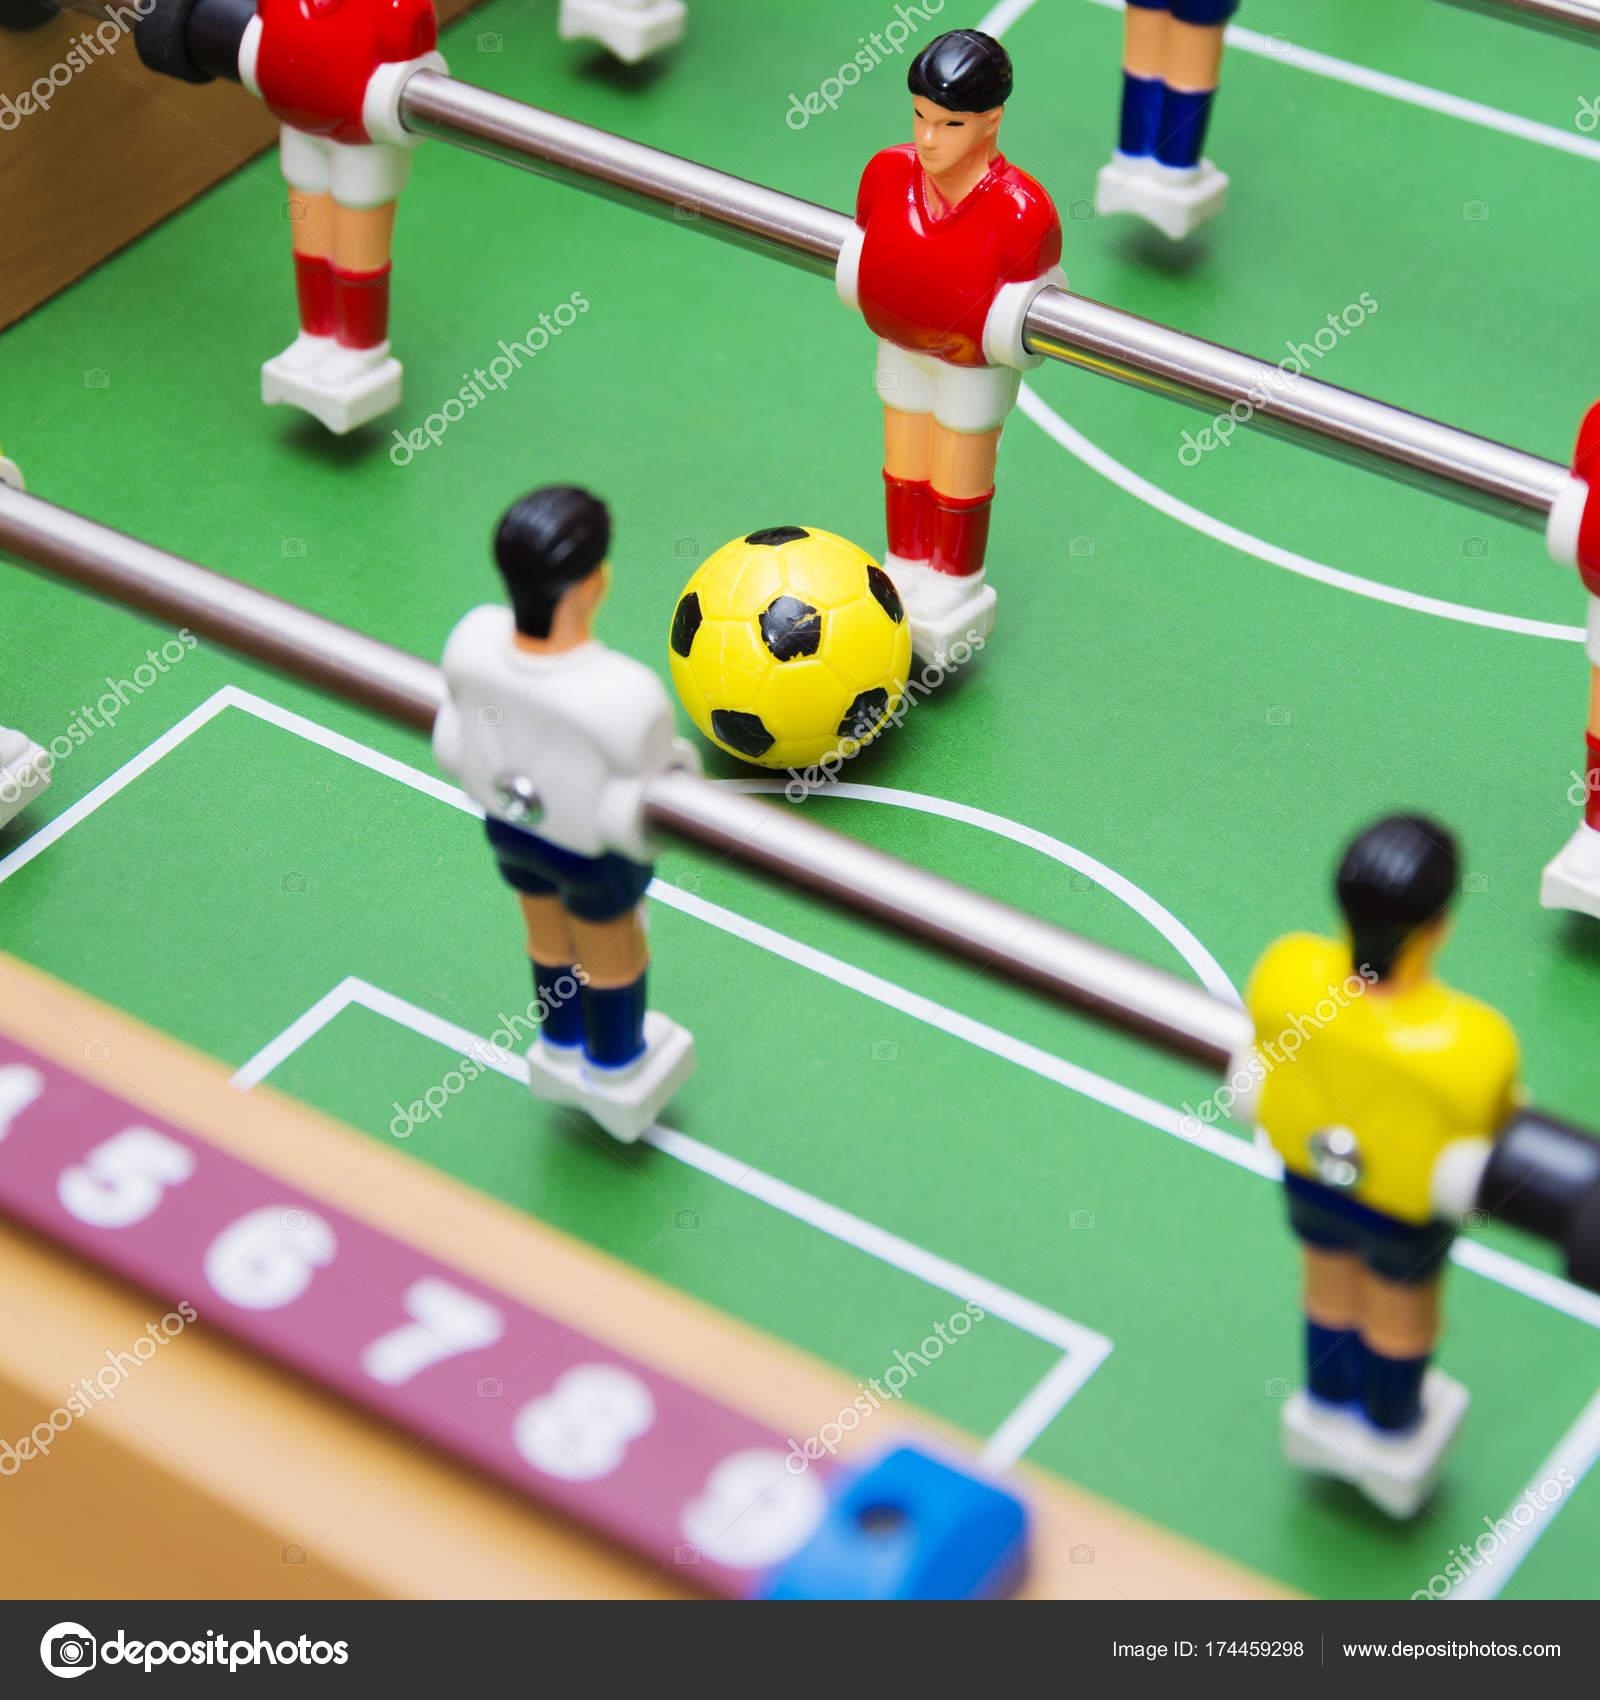 Imagenes Ver Futbolin Juego De Futbol Del Futbol De Mesa Cerca